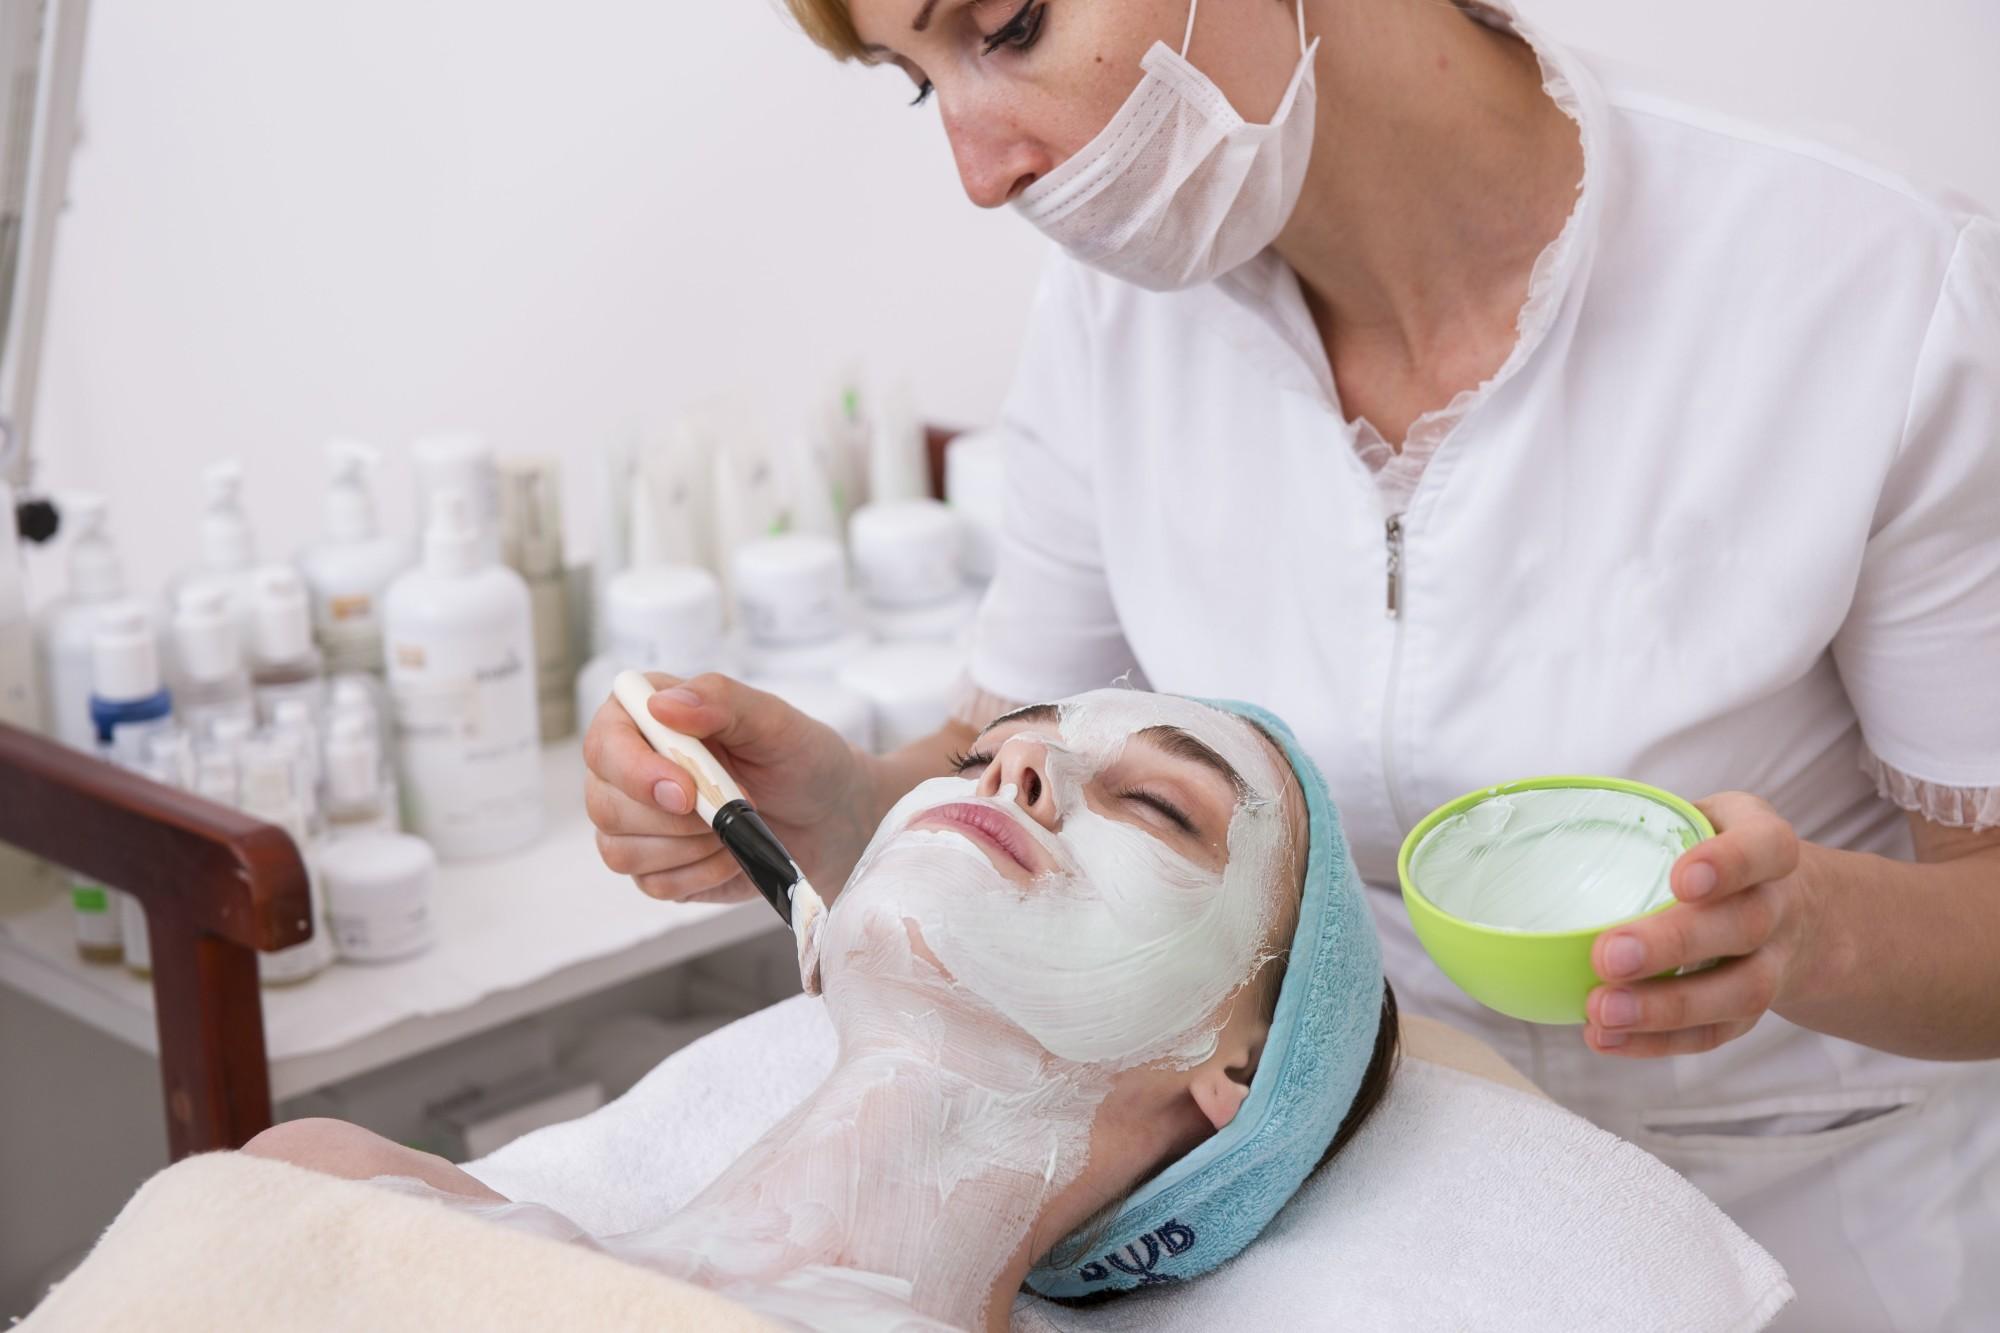 Tipos de pele: quais são e como cuidar de cada uma